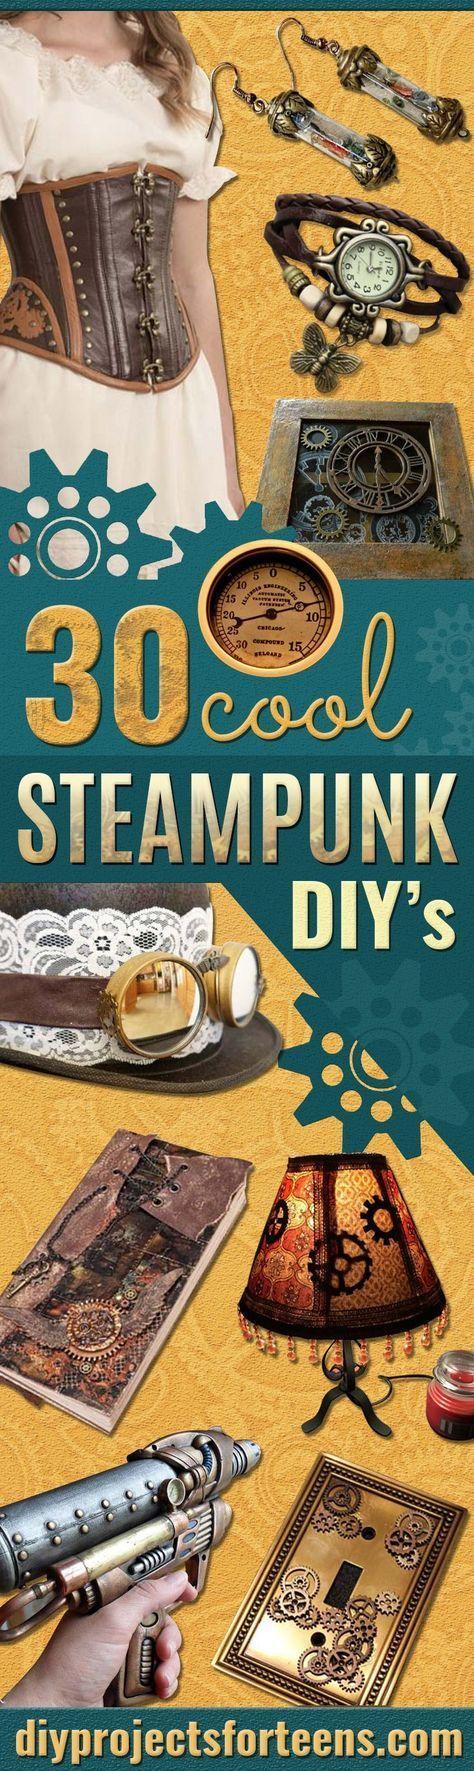 Coole Steampunk DIY Ideen - Easy Home Decor, Kostümideen, Schmuck, Kunsthandwer...